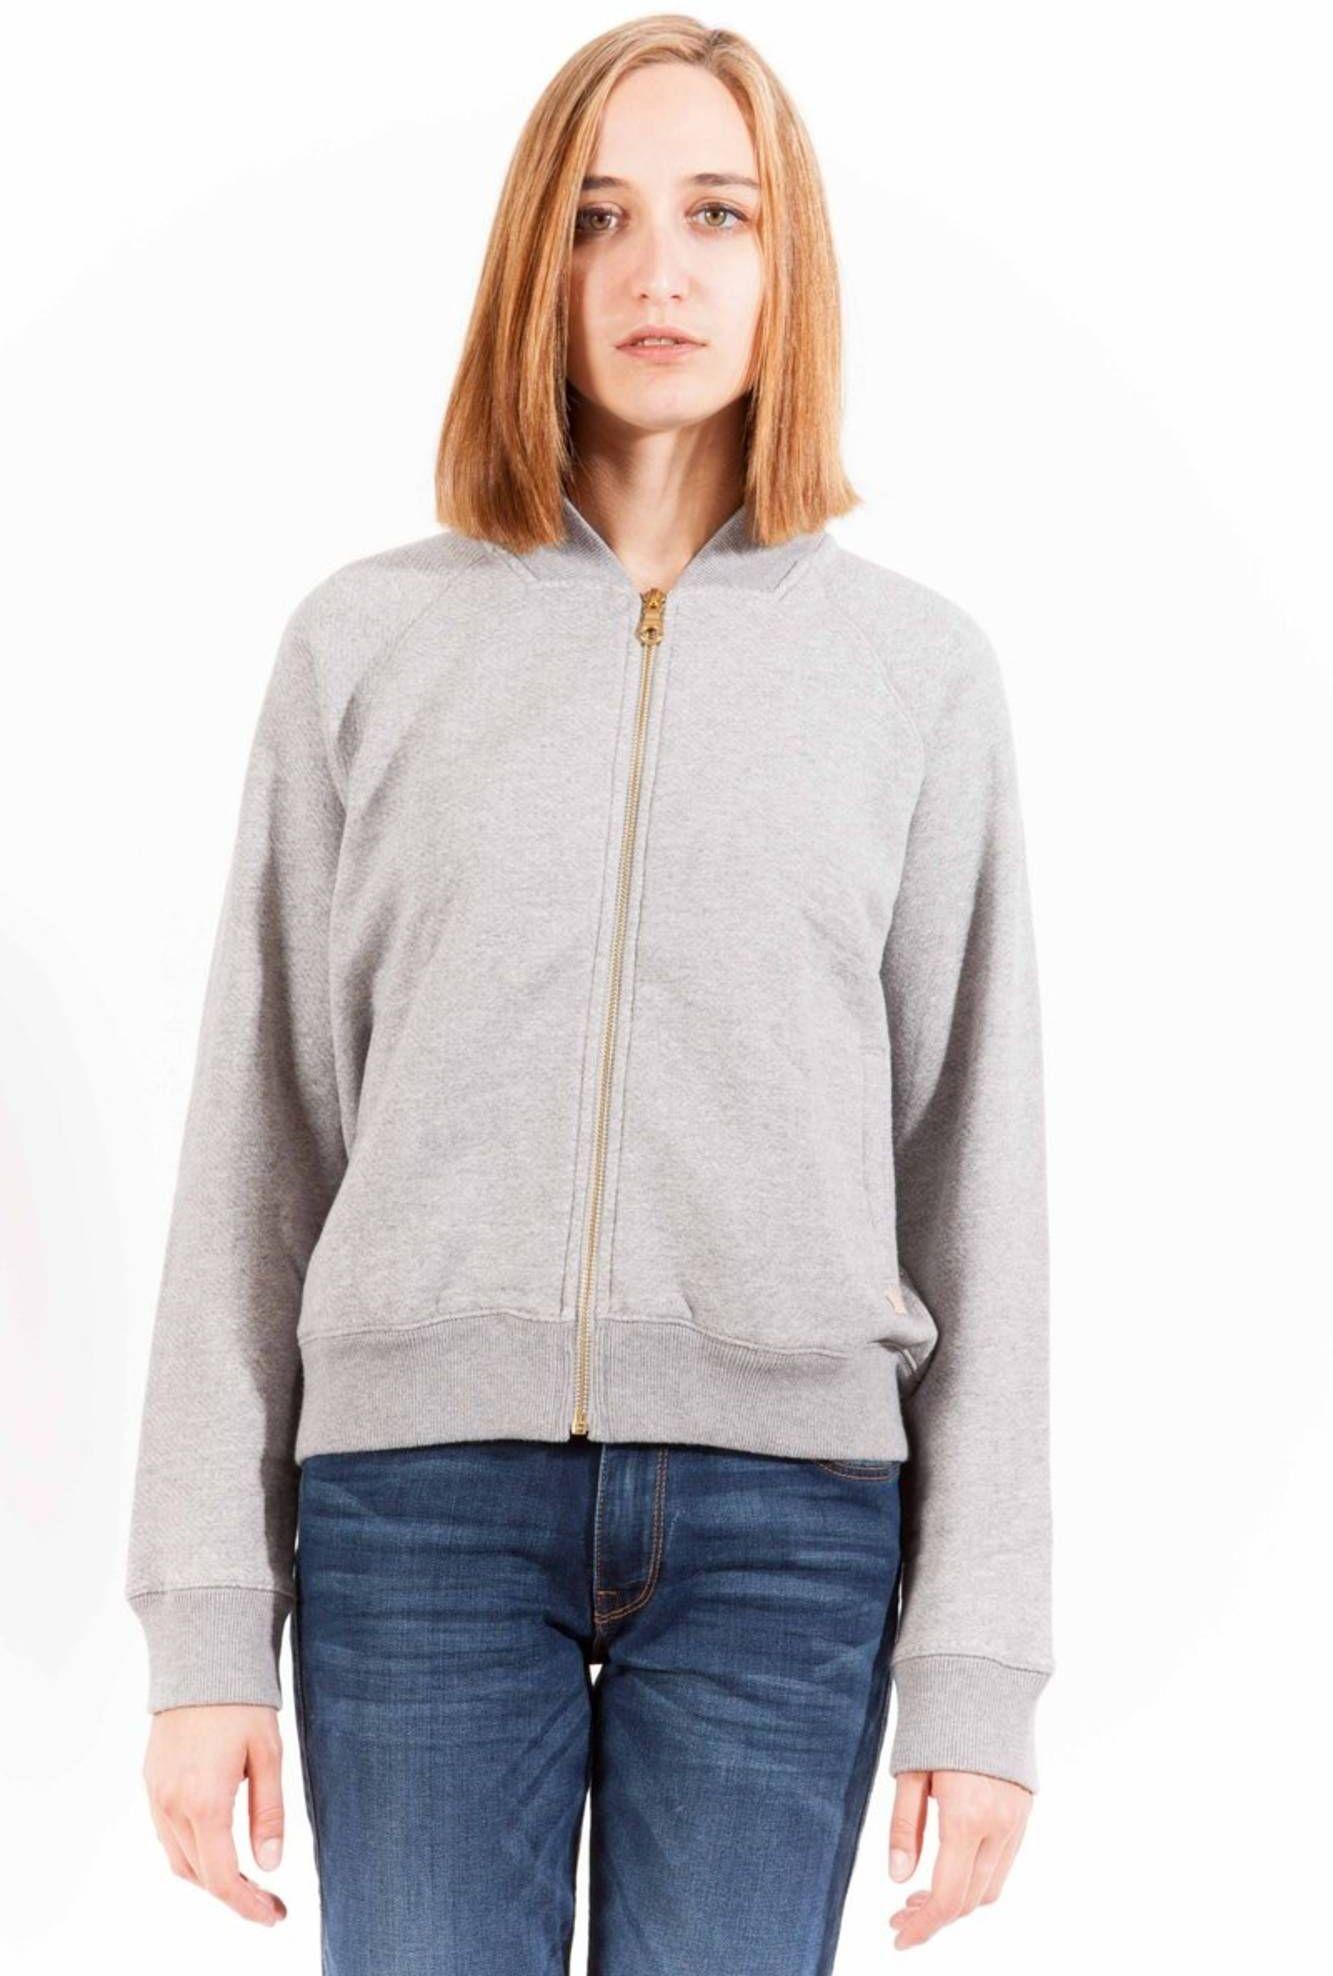 GANT Sweatshirt with zip Women